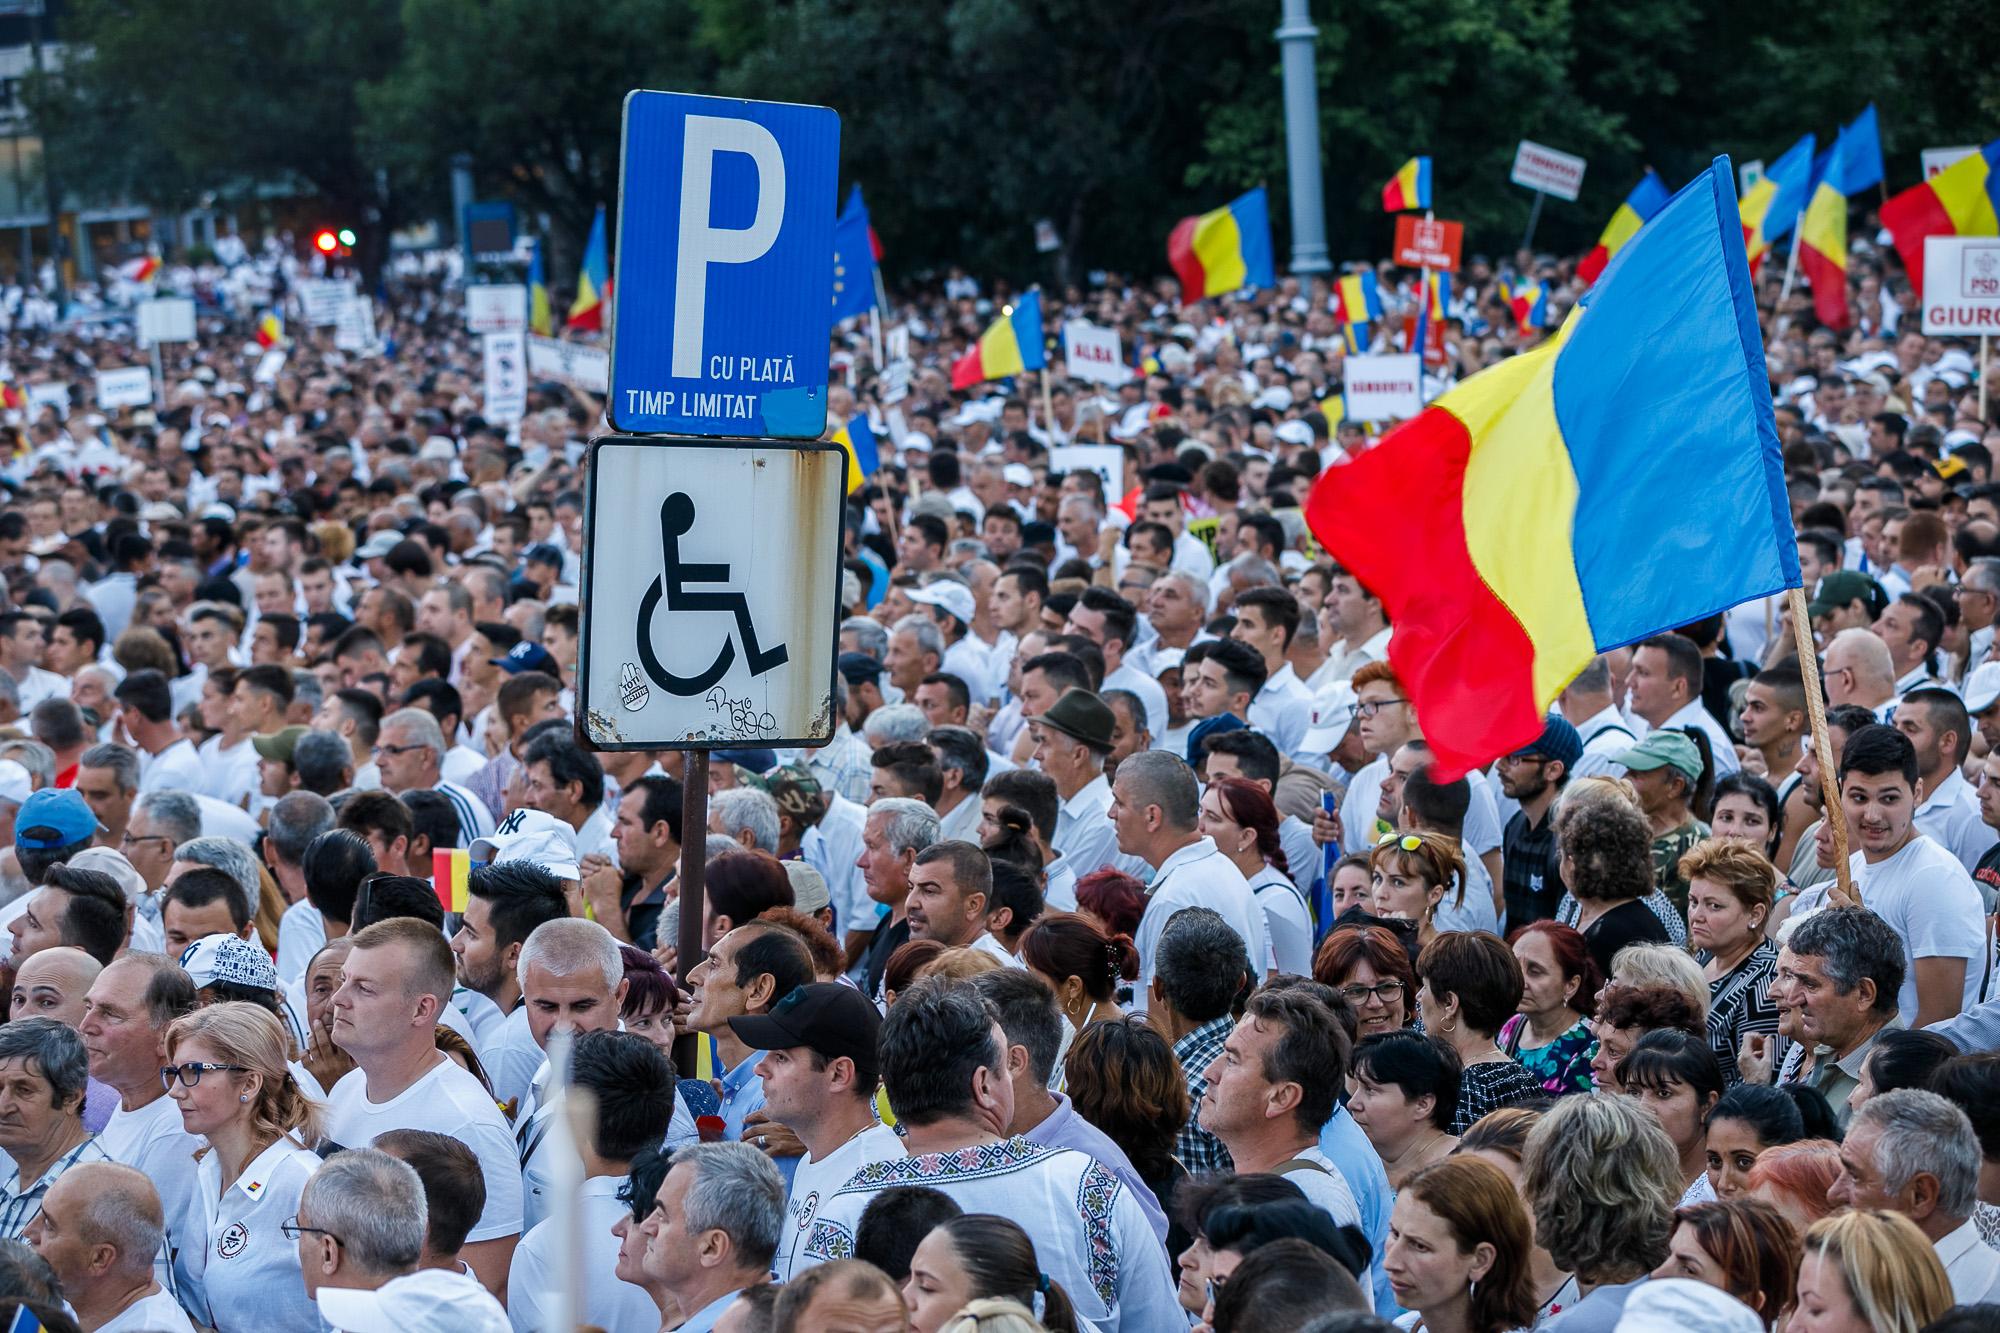 Dragnea - Cine va pierde de pe urma mitingului PSD-ALDE - Pagina 2 1528636093409-miting-psd-9-iunie-140